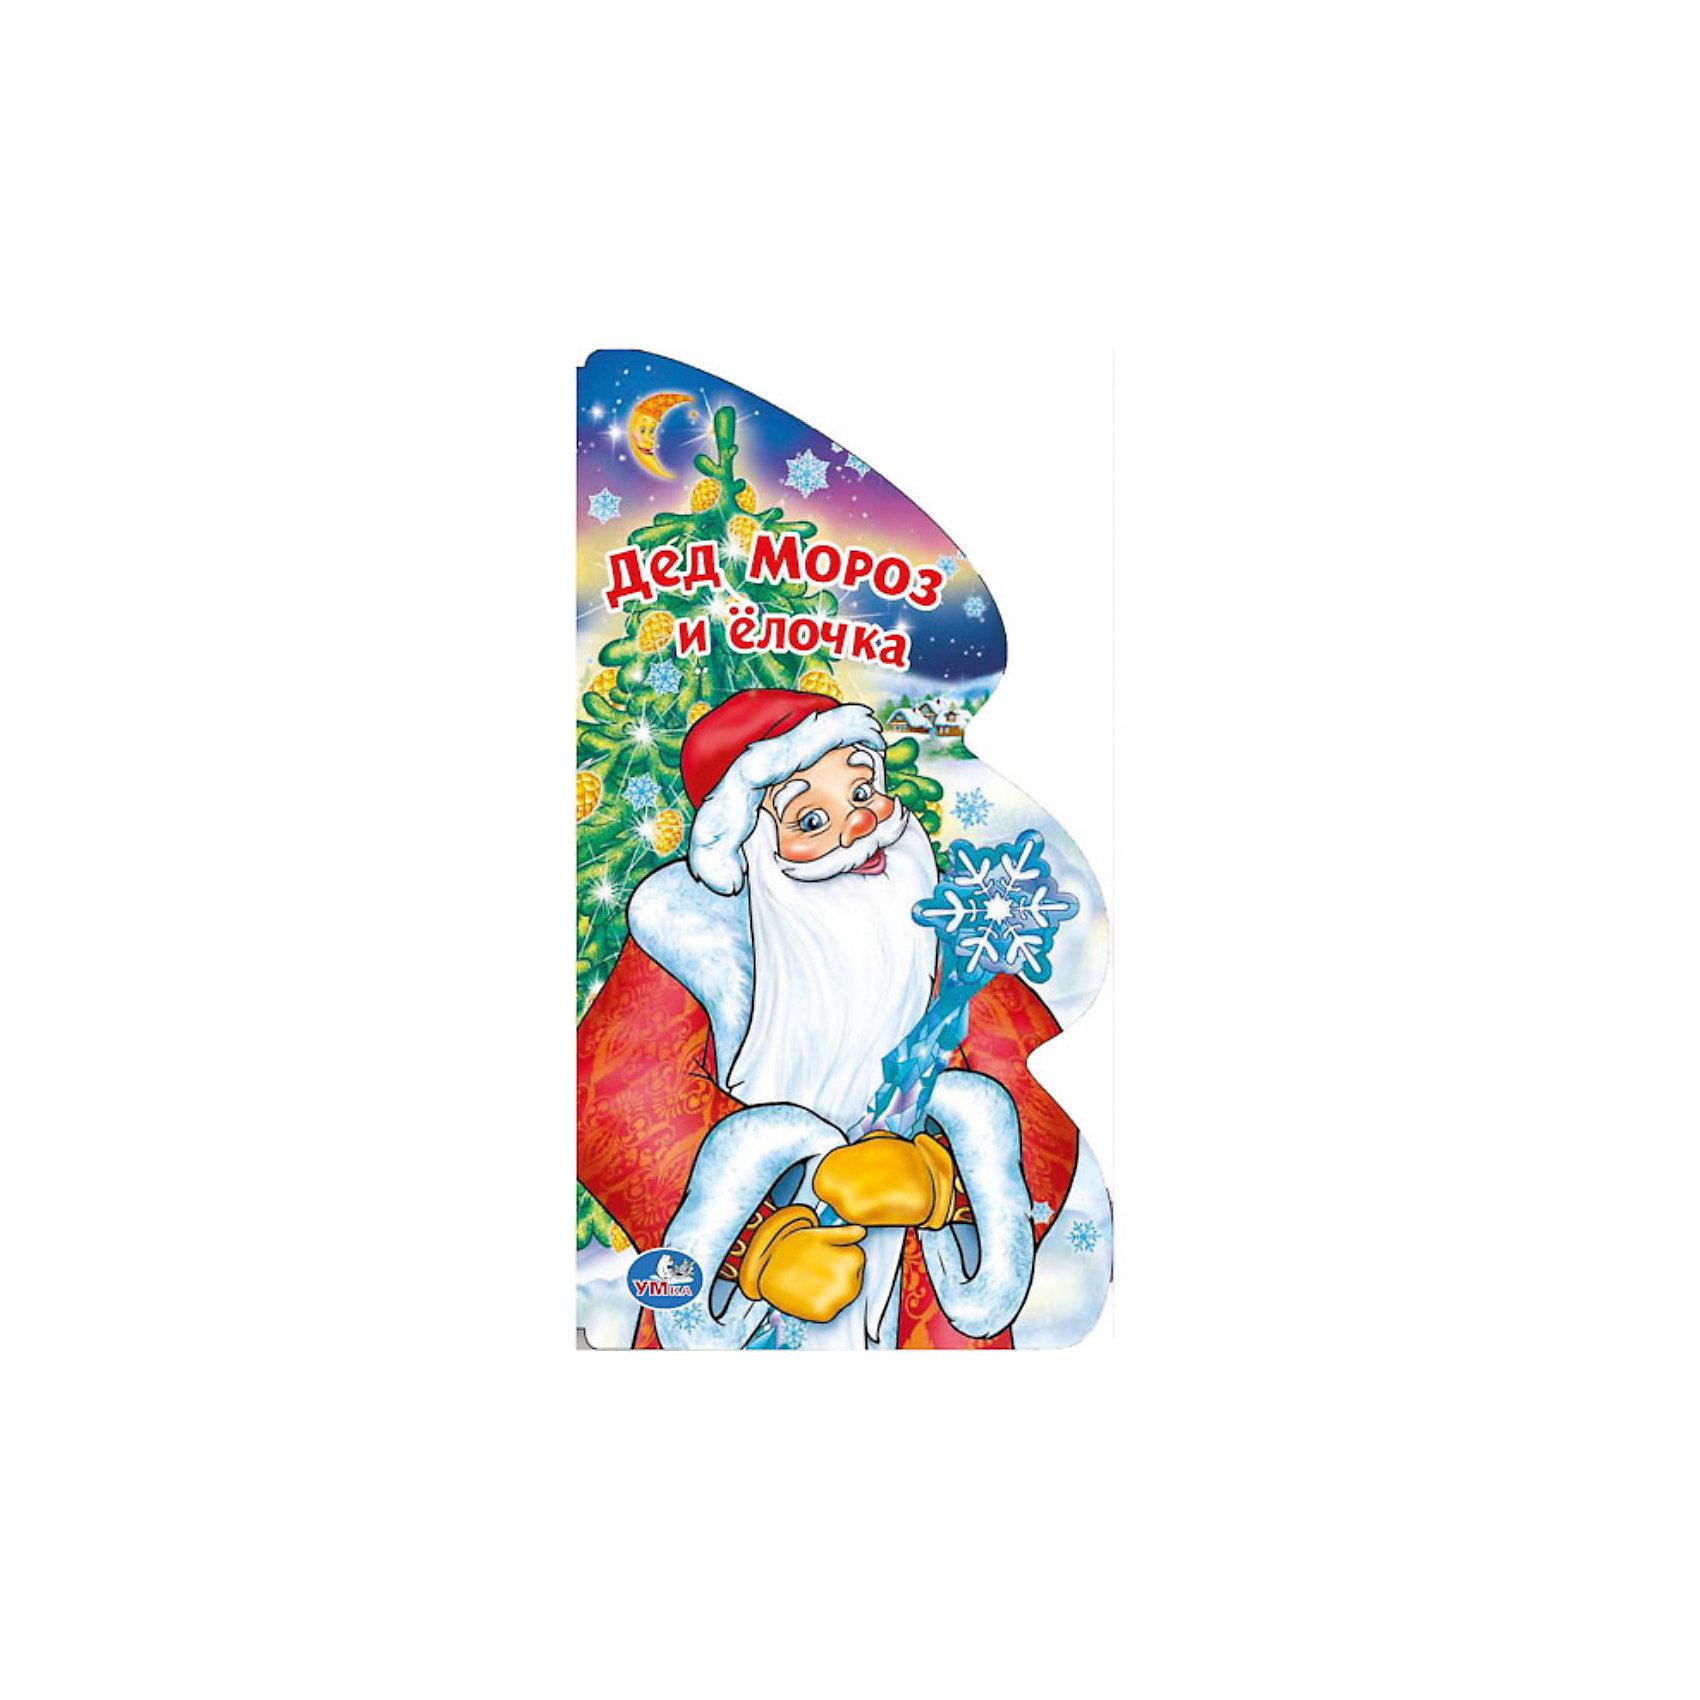 Книга с лентами Дед Мороз и ёлочкаНовогодние книги<br>Книжка с лентами Дед Мороз и ёлочка, Умка - превосходный подарок для малыша на Новый Год. Ведь эта красивая, яркая книжка, наполненная новогодними стишками и загадками, не простая, а с сюрпризом, как и положено на Новый Год! Благодаря атласным ленточкам, книжка легко превращается...в настоящую елочку! Слушая забавные стишки и завязывая ленточки, детки тренируют память и внимательность, моторику. Толстые полимерные страницы книги удобно перелистывать, они прочные и долговечные. Книжка с лентами Дед Мороз и ёлочка, Умка создаст праздничное настроение в каждом доме! <br><br>Дополнительная информация:<br><br>- Автор: Ольга Кузнецова<br>- Иллюстратор: Дмитрий Букин<br>- Редактор: Кристина Хомякова<br>- Количество страниц: 10;<br>- Полимерные страницы;<br>- Благодаря ленточкам превращается в елочку;<br>- Яркие иллюстрации;<br>- Толстые страницы легко листать даже малышам;<br>- Размер: 14,2 х 25,6 см;<br>- Вес: 240 г<br><br>Книжку с лентами Дед Мороз и ёлочка, Умка можно купить в нашем интернет-магазине.<br><br>Ширина мм: 140<br>Глубина мм: 30<br>Высота мм: 160<br>Вес г: 240<br>Возраст от месяцев: 12<br>Возраст до месяцев: 72<br>Пол: Унисекс<br>Возраст: Детский<br>SKU: 3801083